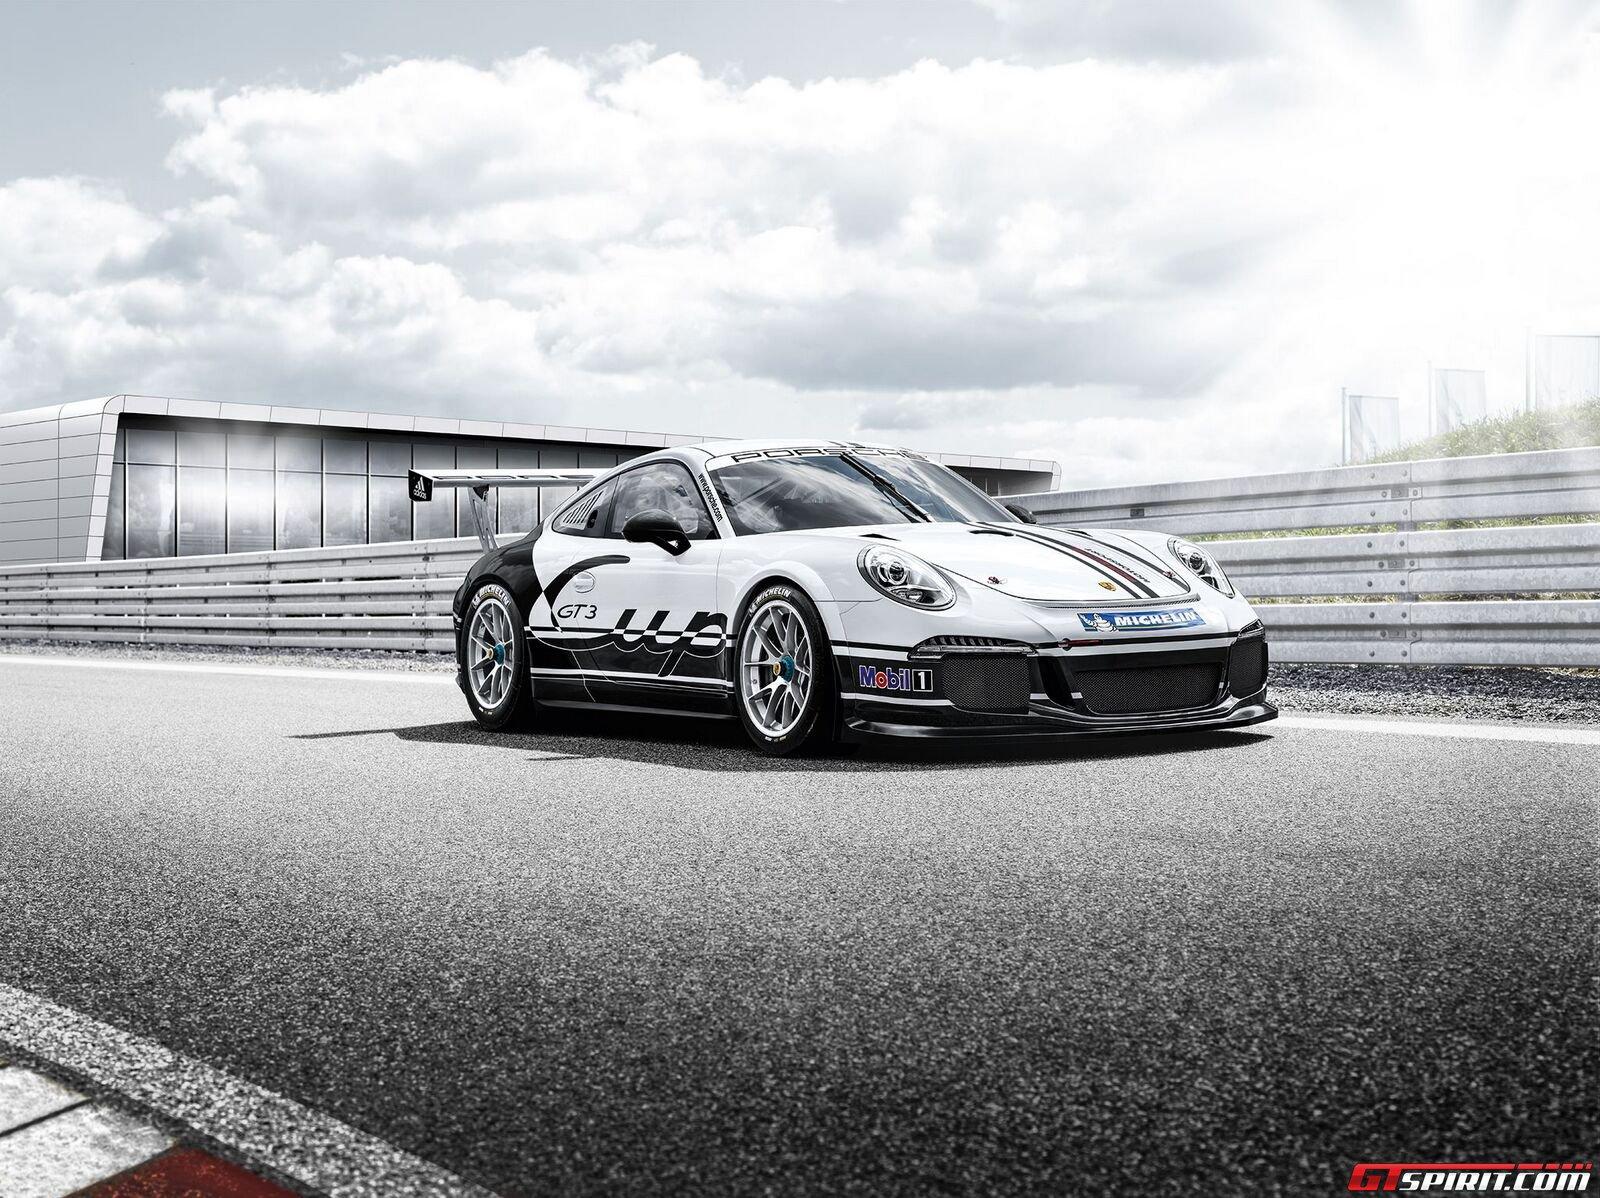 2013 Porsche 911 GT3 Cup - Part 2 Photo 2